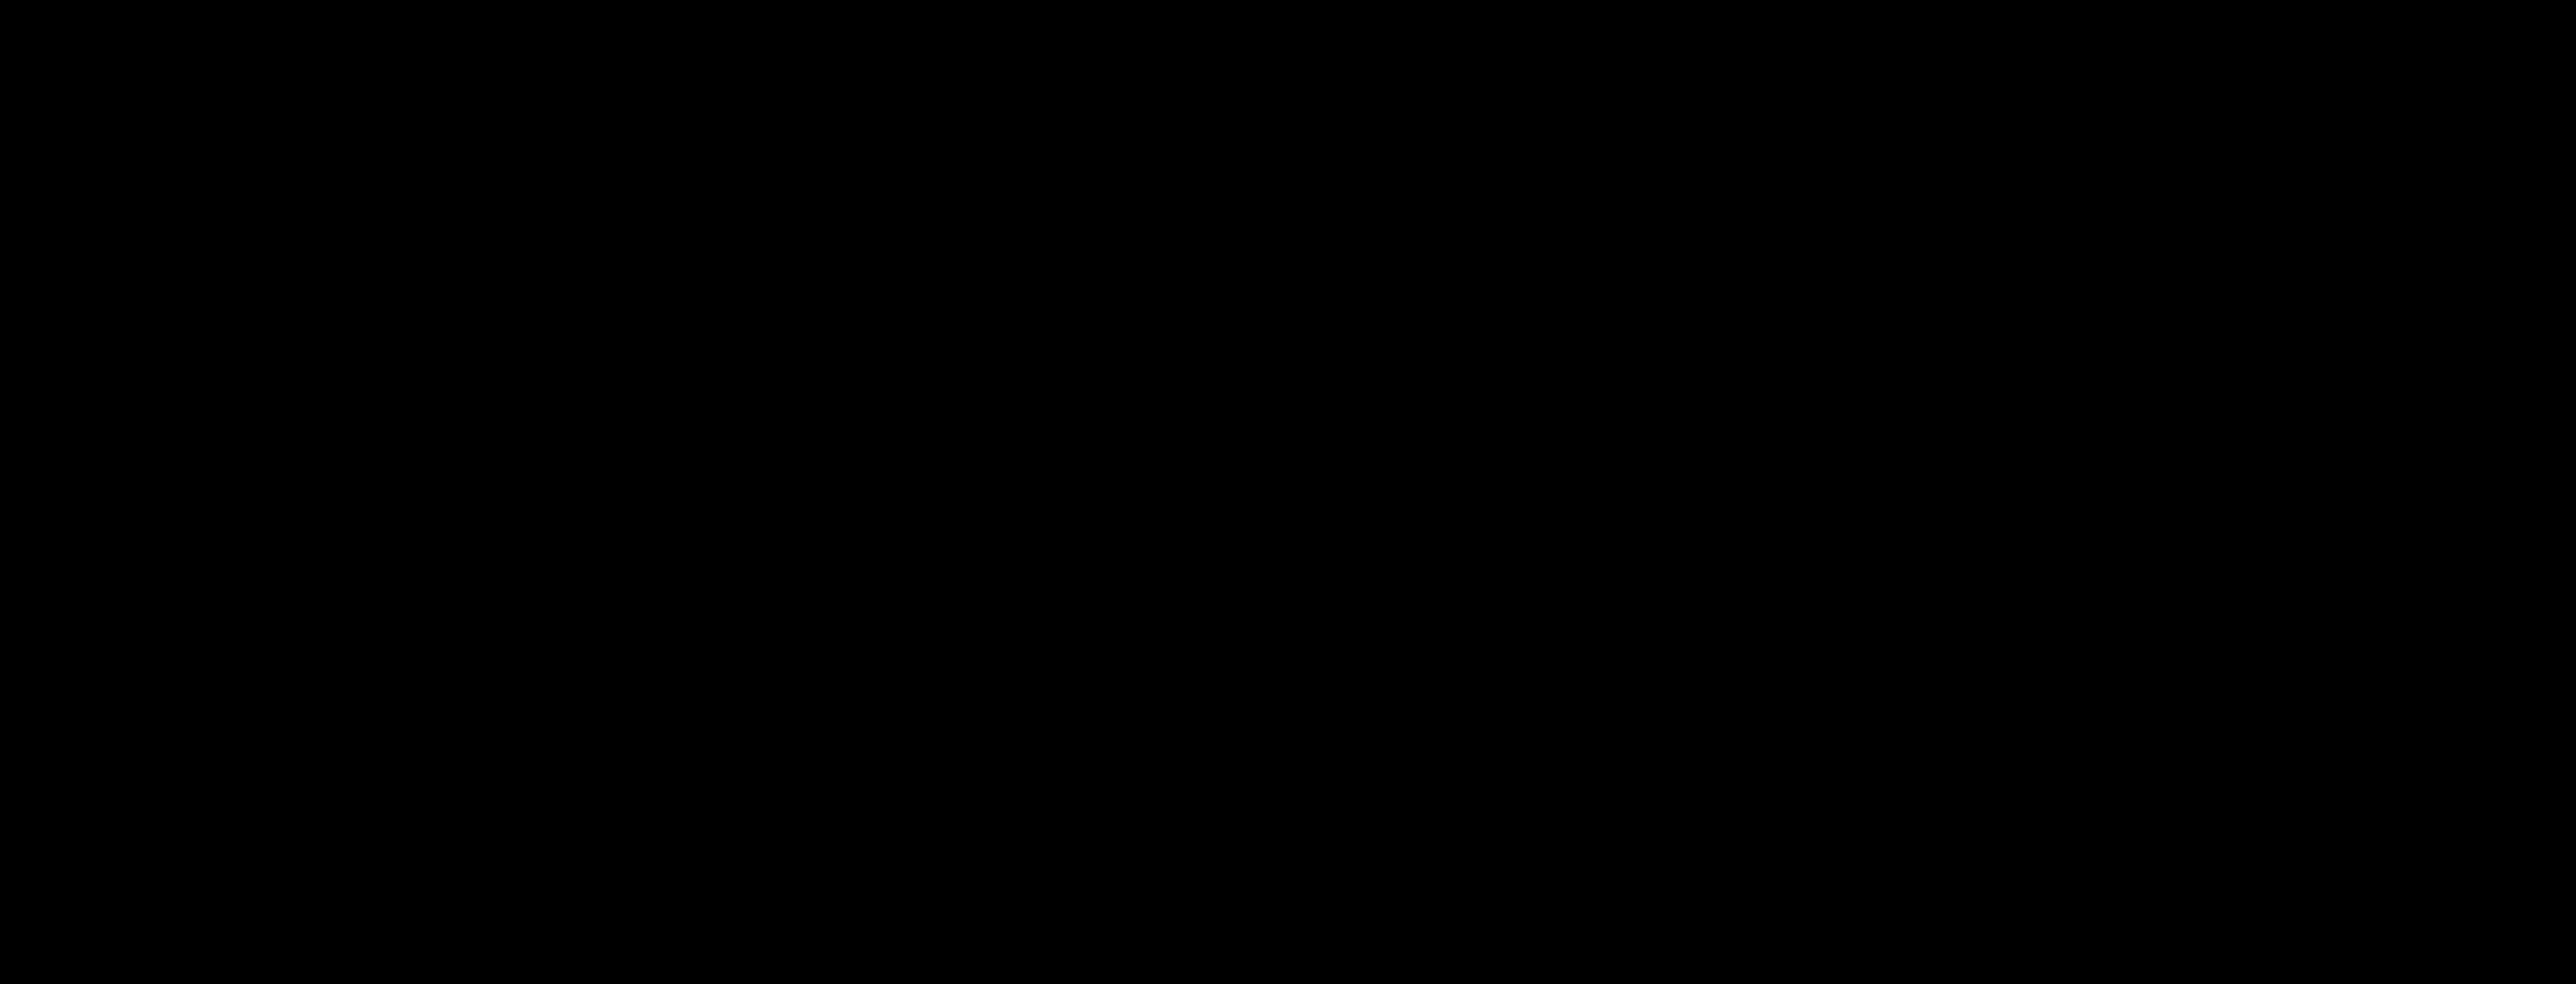 explorer/img/logos/iwc.png